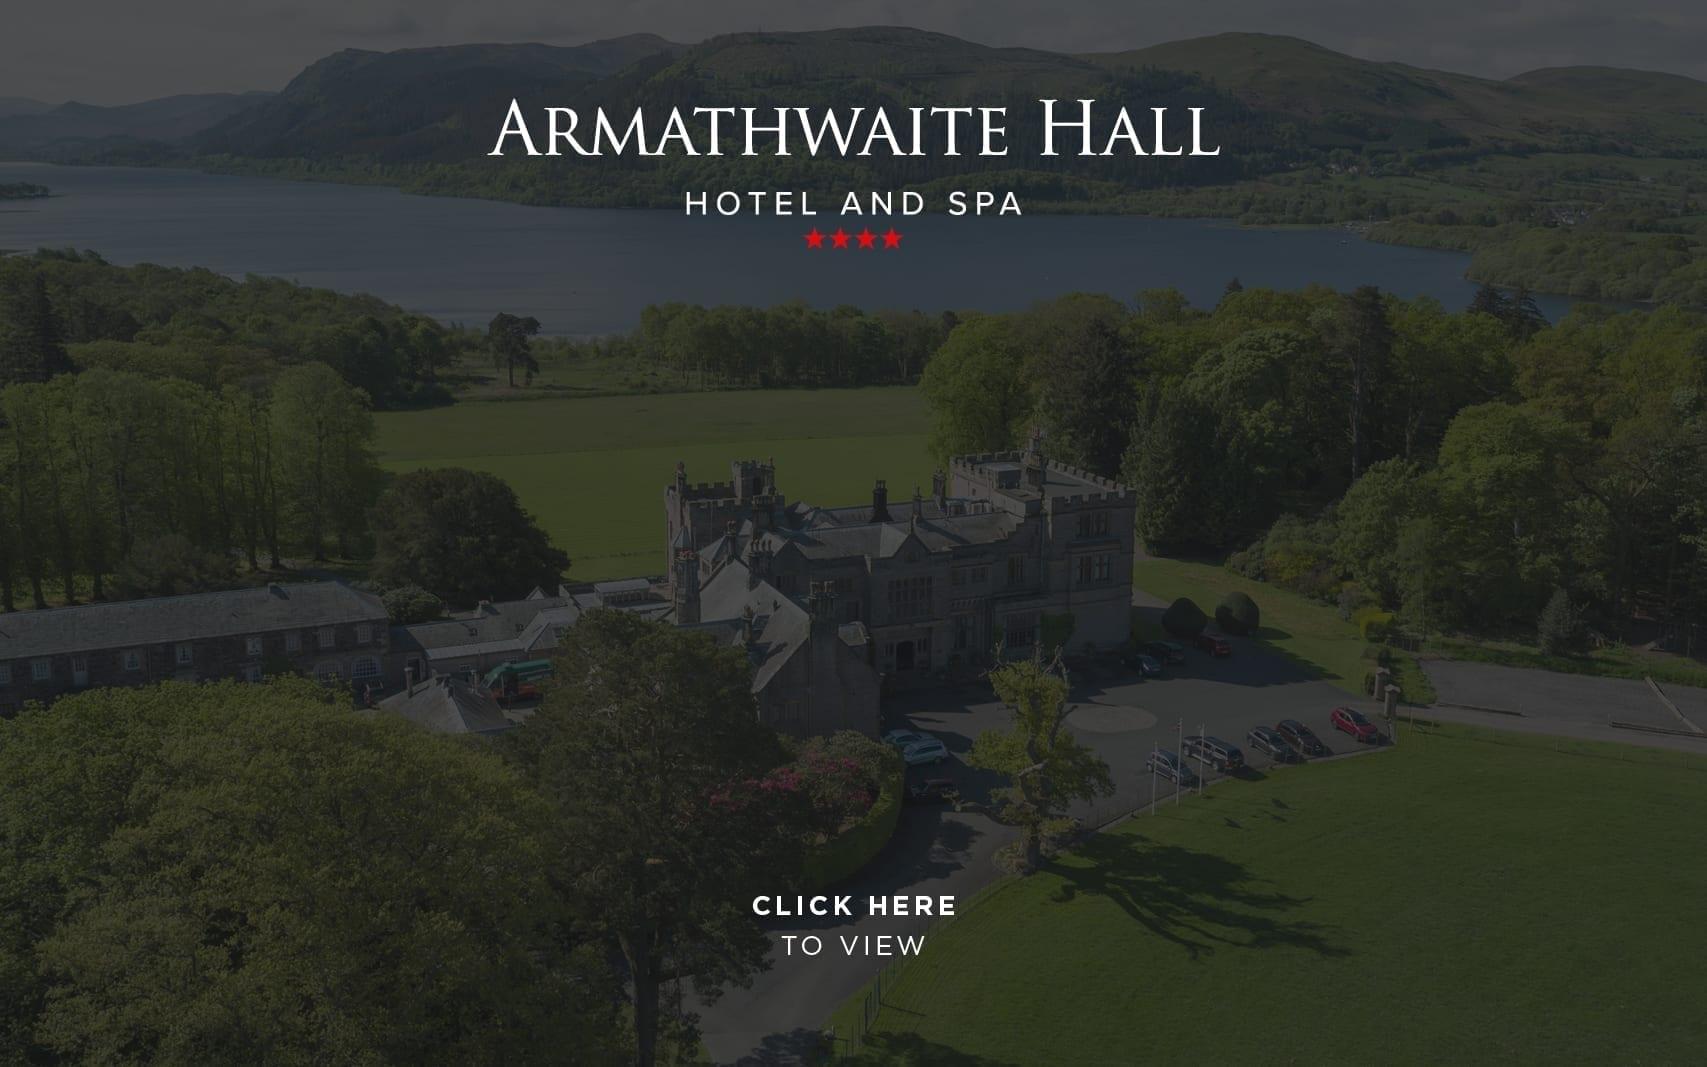 Armathwaite-Click-to-view-image